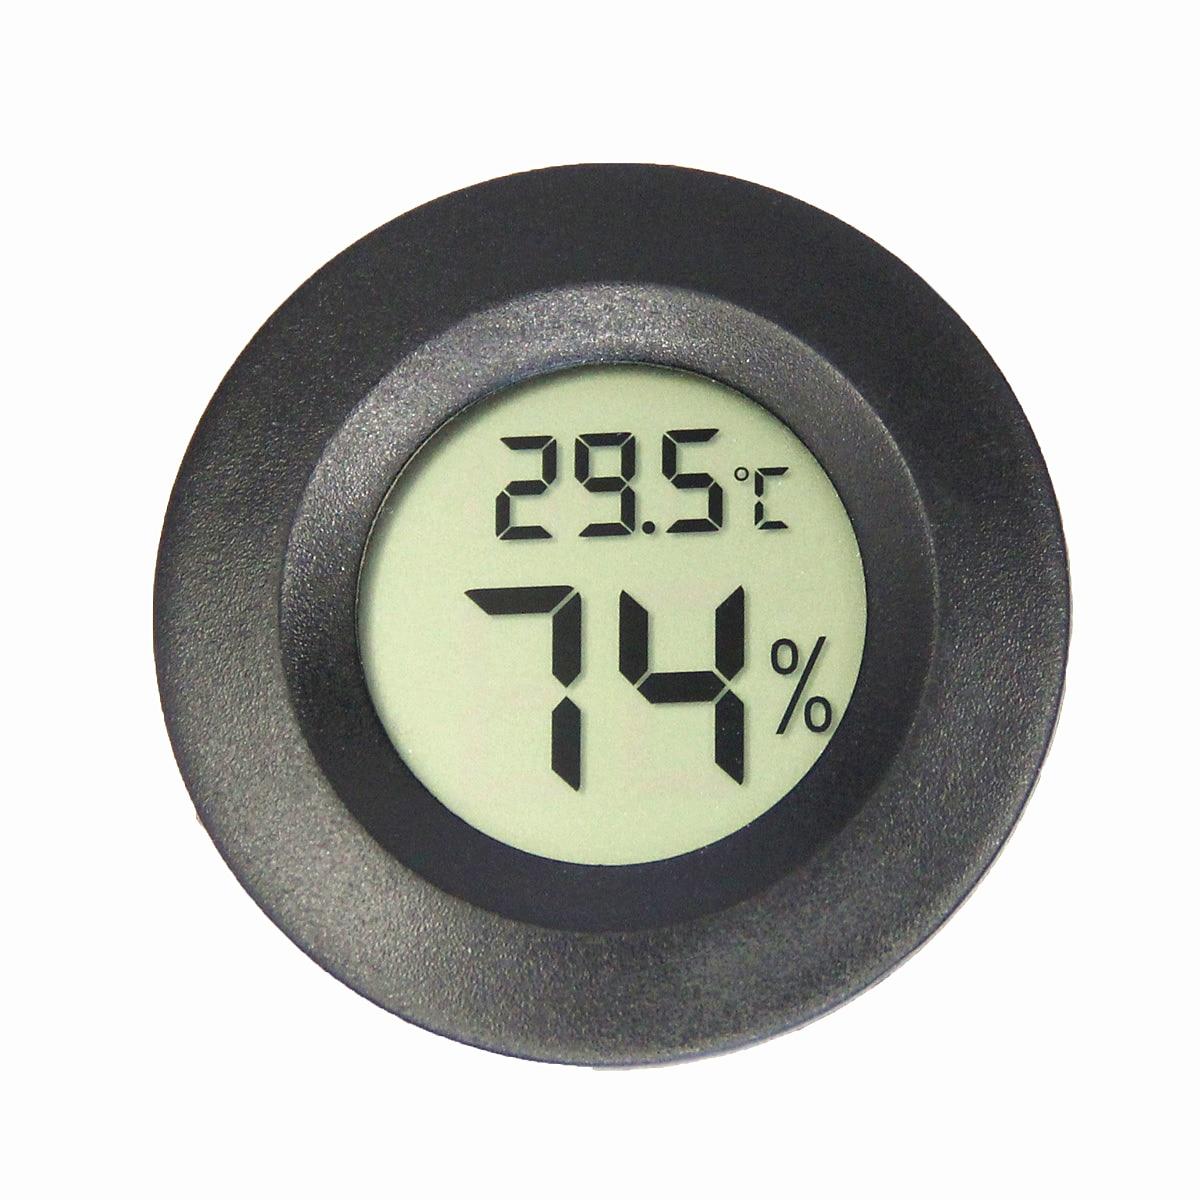 Mini Thermomedr Digidol LCD Hygrometer Frysydd Rhewgell Tymheredd Deori Cwn Anifeiliaid Anwes Canser Synhwyrydd Wyau